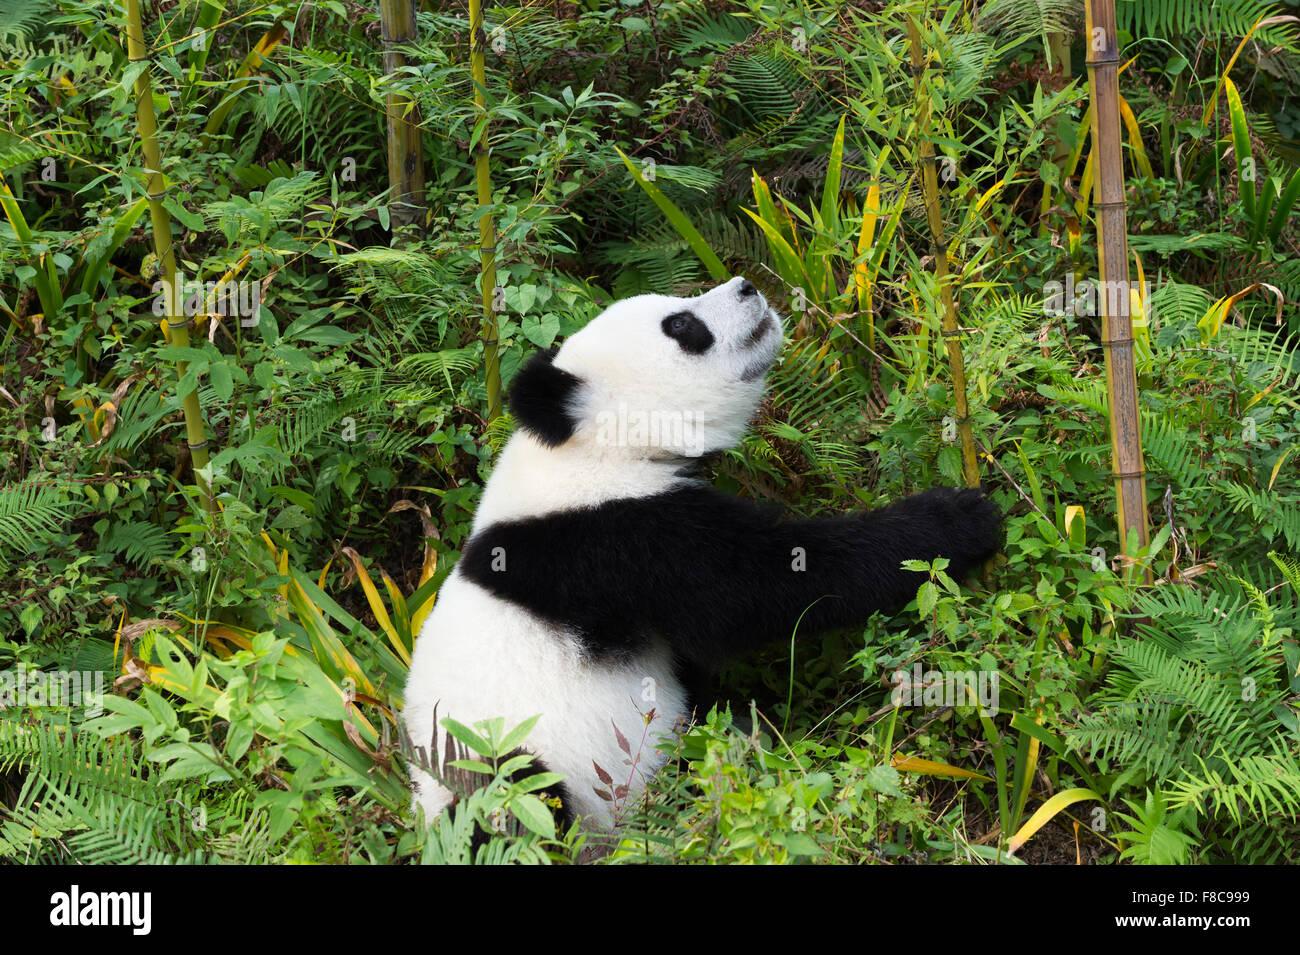 Dos años entre los jóvenes el panda gigante (Ailuropoda melanoleuca), China y el Centro de Investigación Imagen De Stock